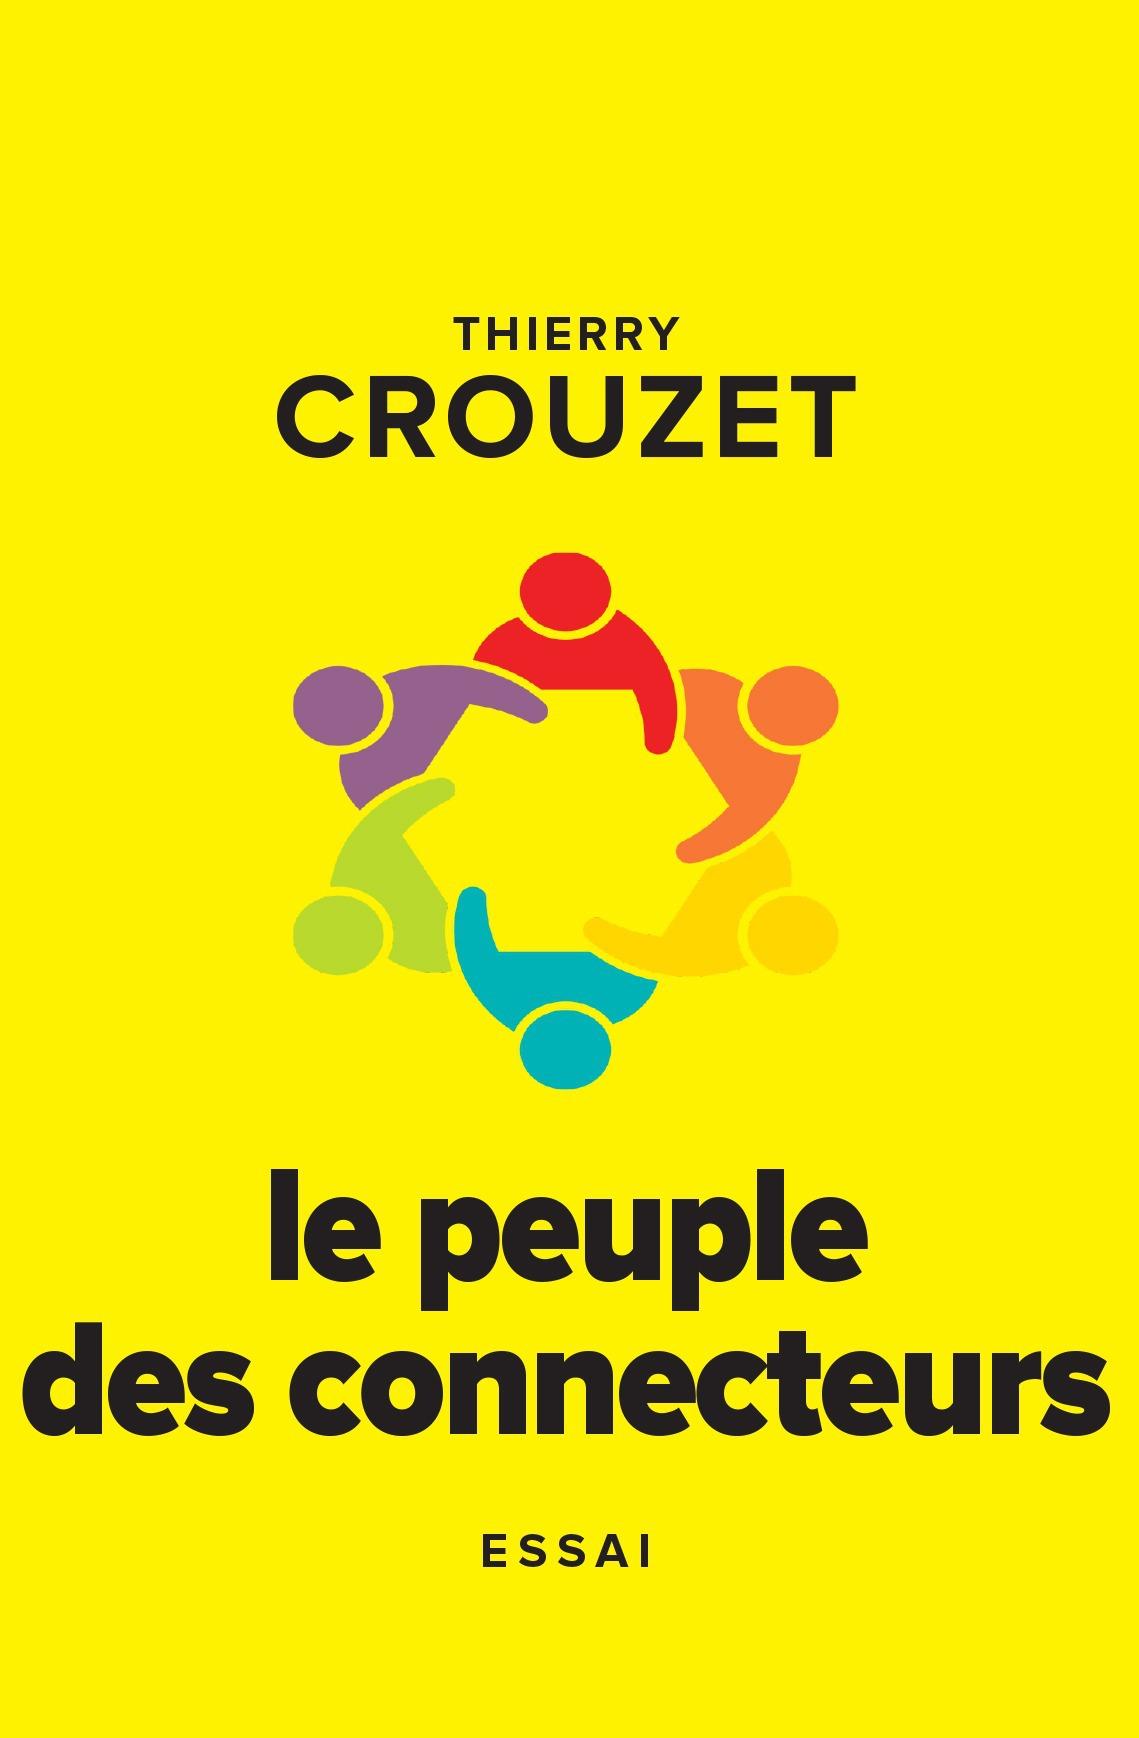 Le peuple des connecteurs